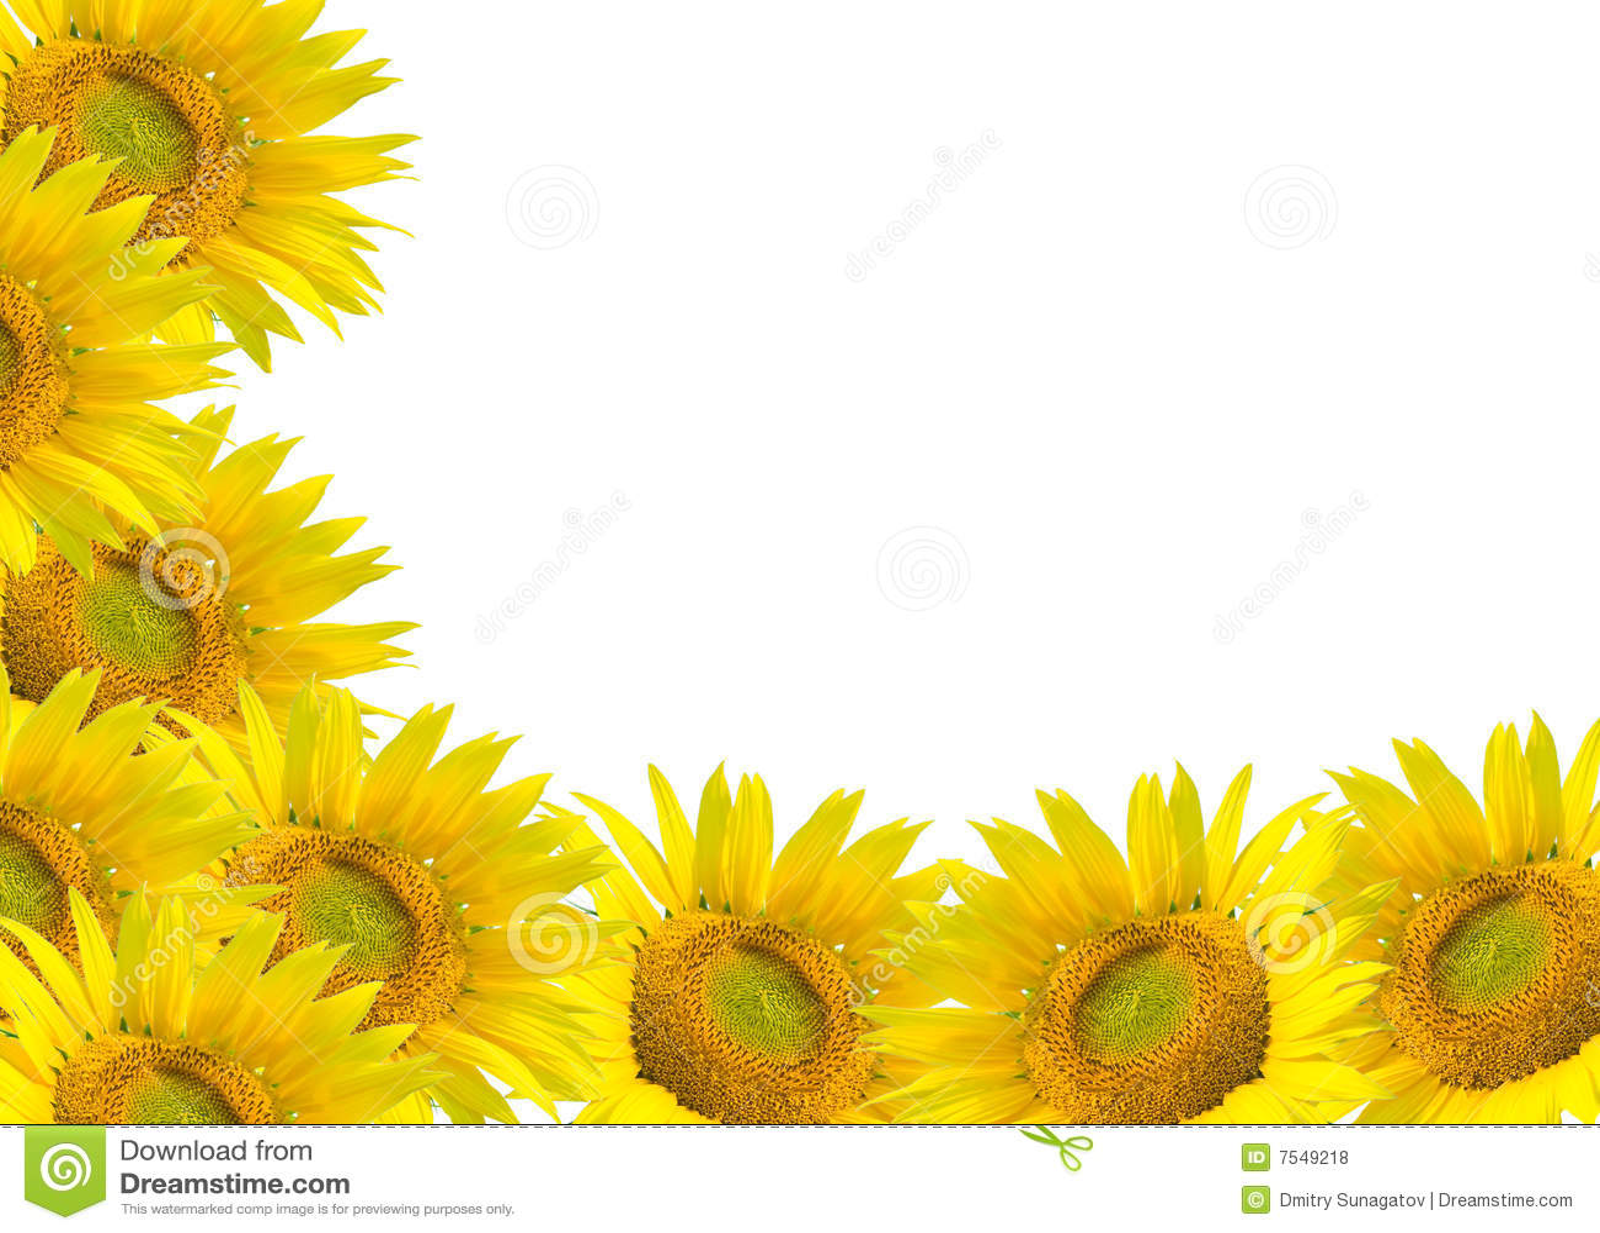 sunflower field wallpaper